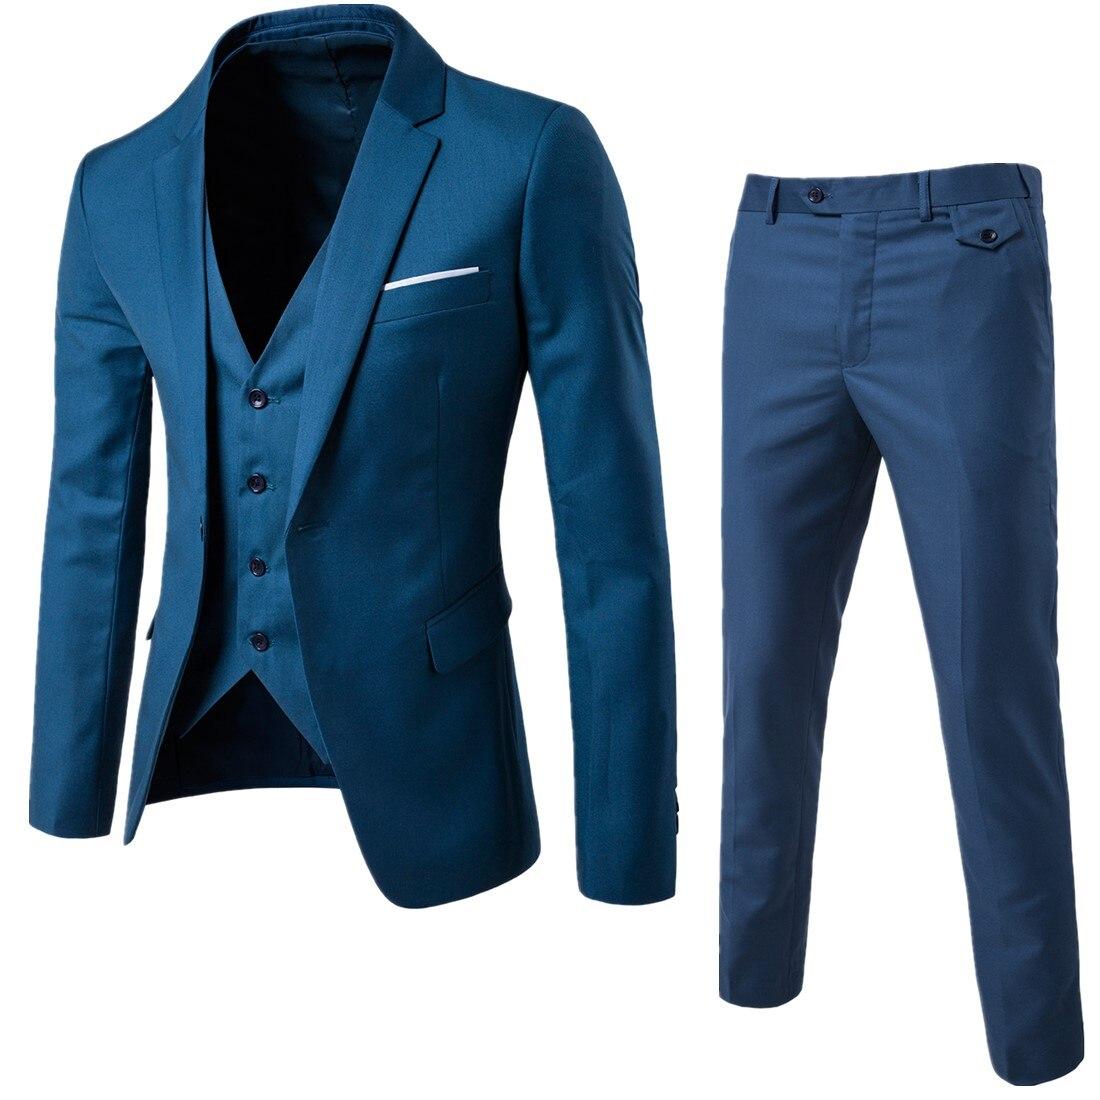 MarKyi 2017 Nuevo más tamaño 6xl trajes para hombre novio de la boda buena calidad casual trajes de vestir 3 peiece (chaqueta + pant + vest)